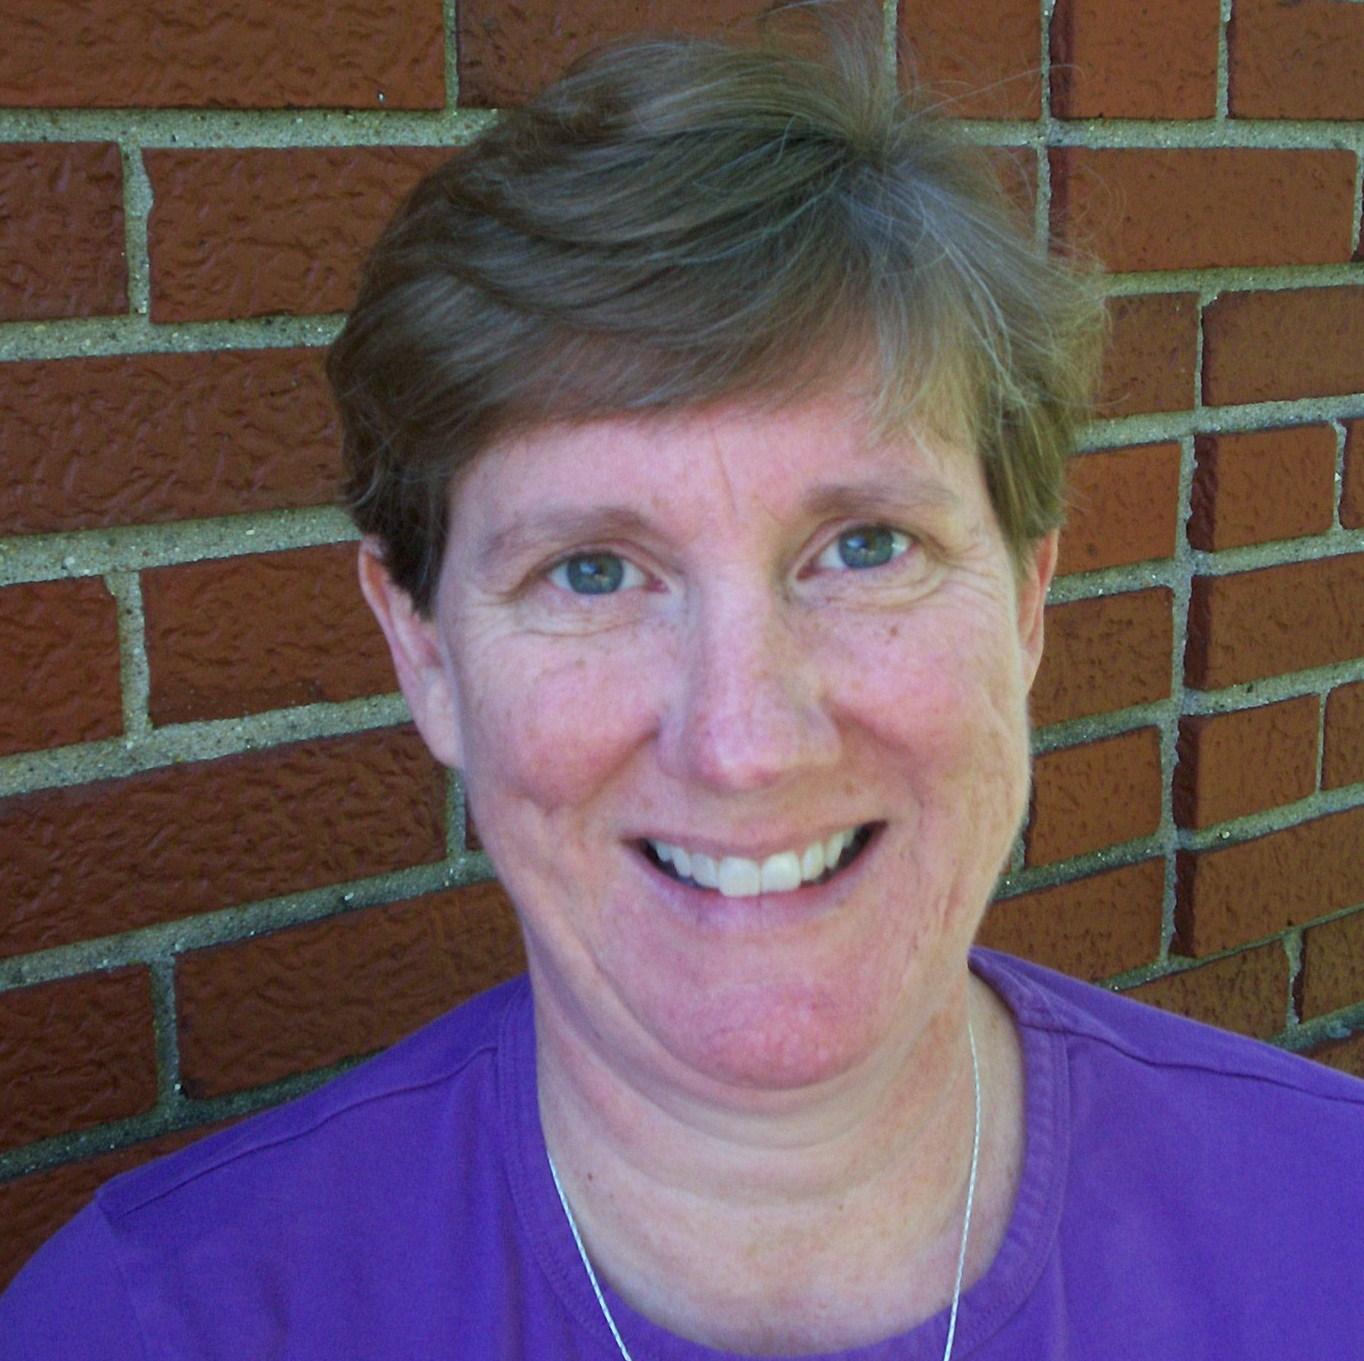 Dr. Beth Christensen, veterinarian at Mobile Veterinary Practice